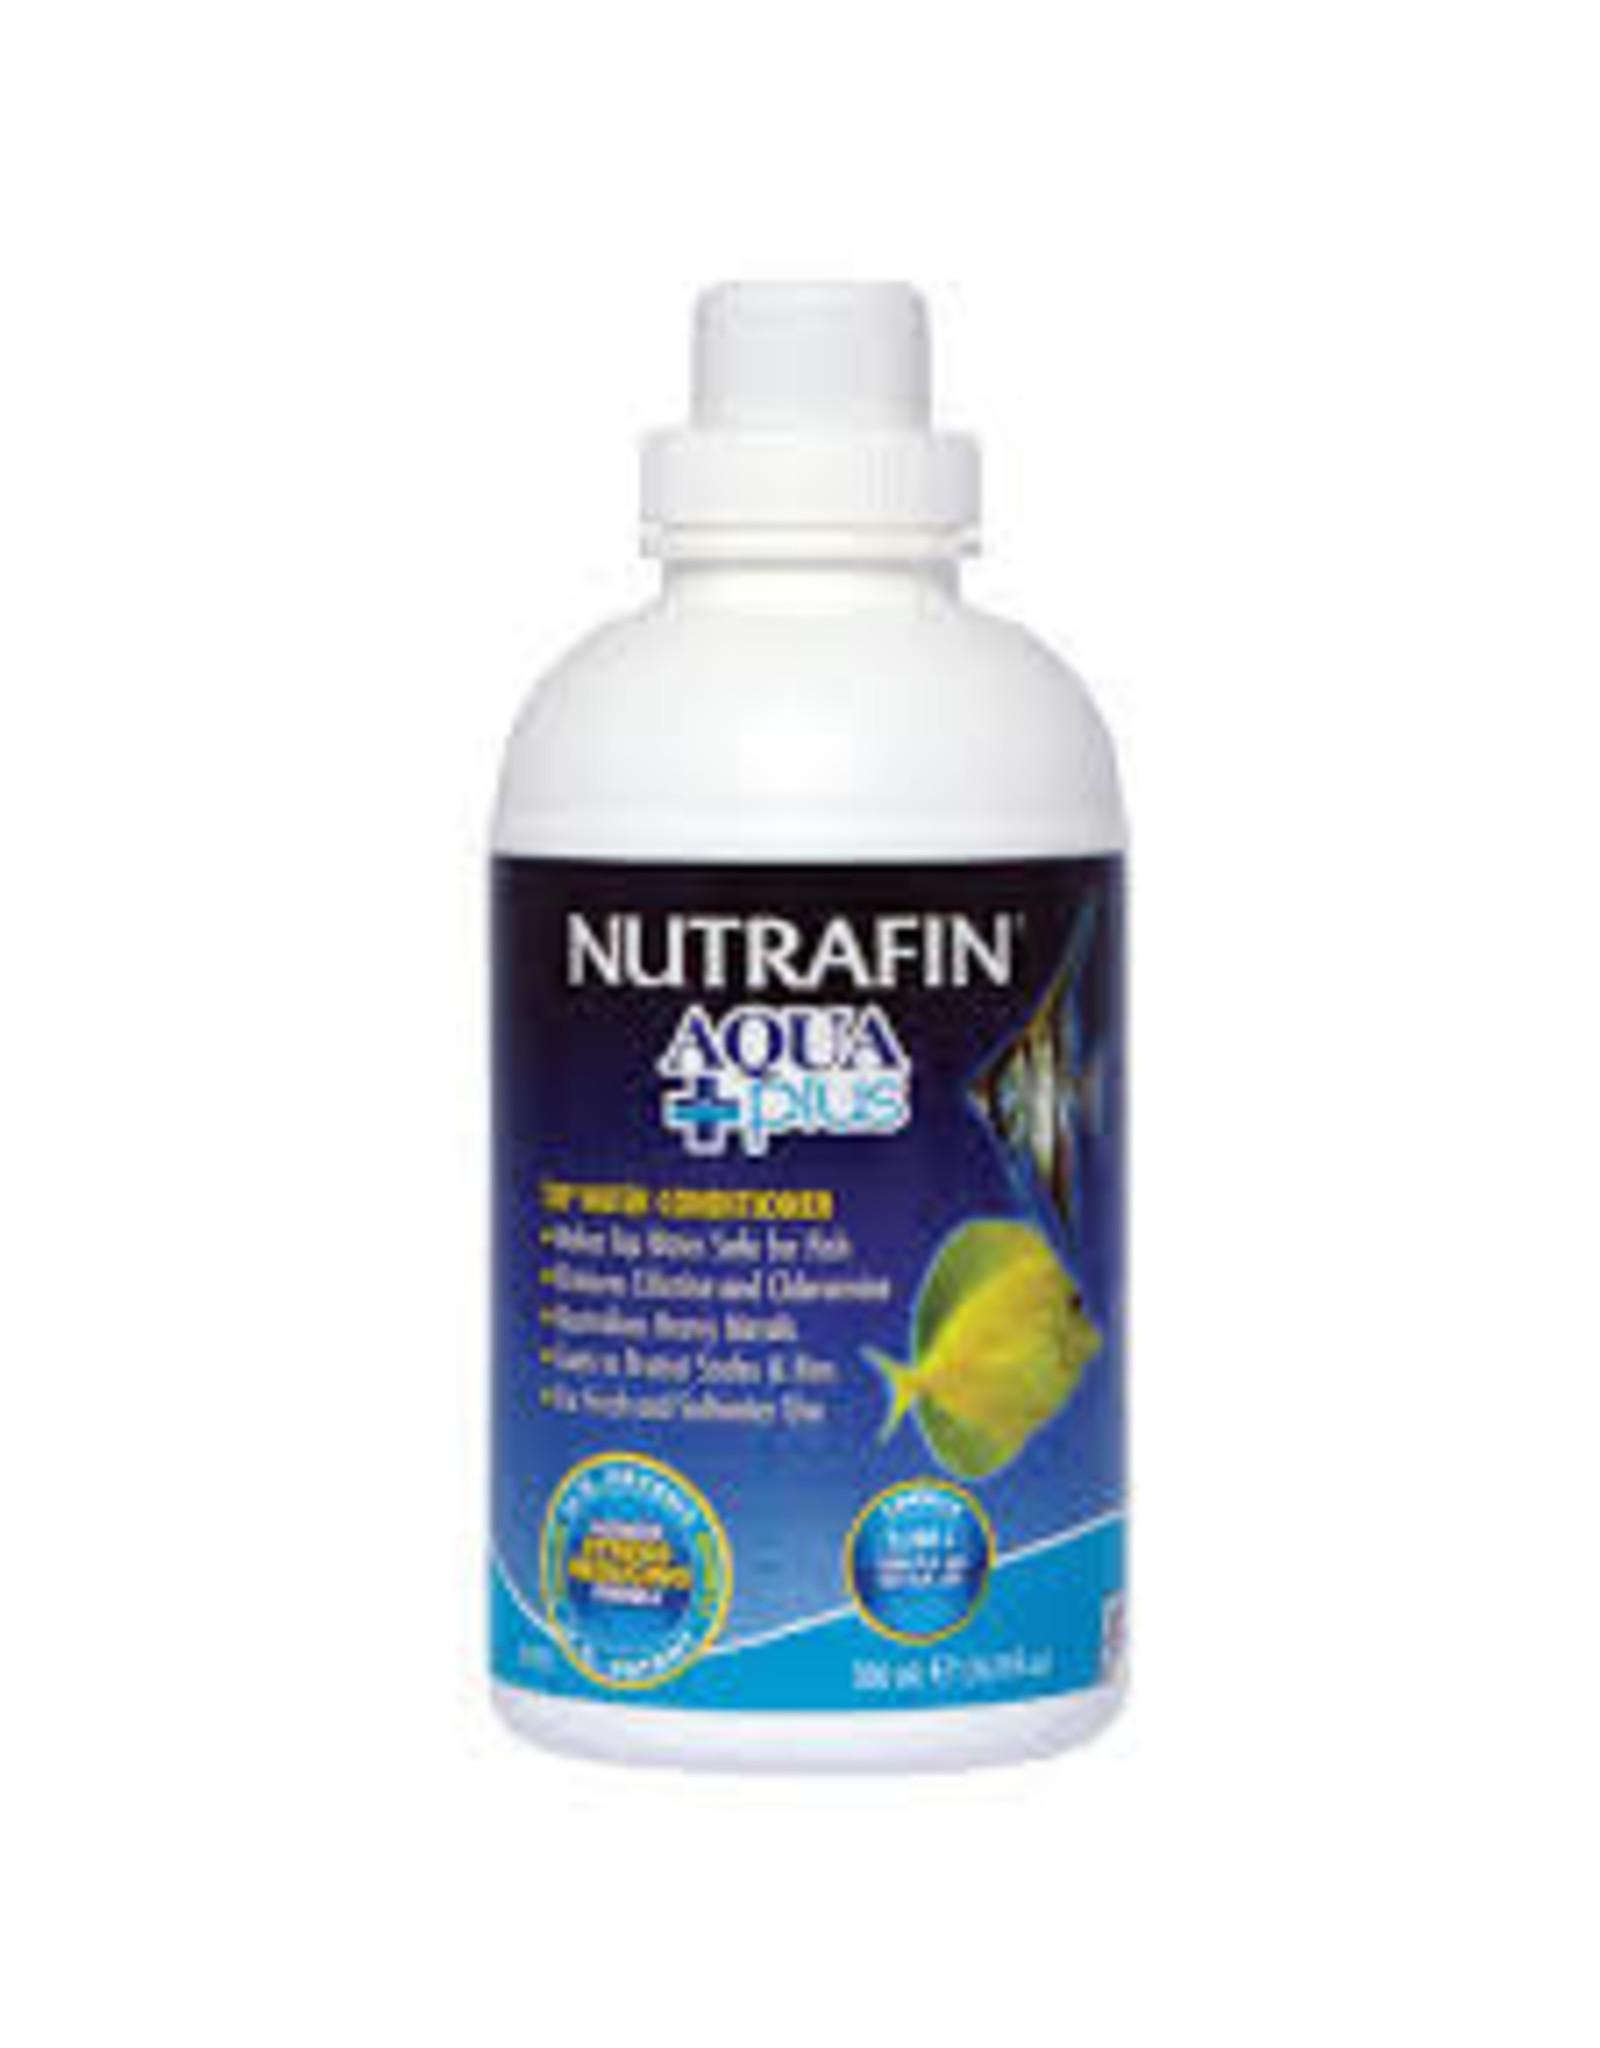 Nutrafin Aqua Plus Nutrafin - Aqua Plus Tap Water Conditioner